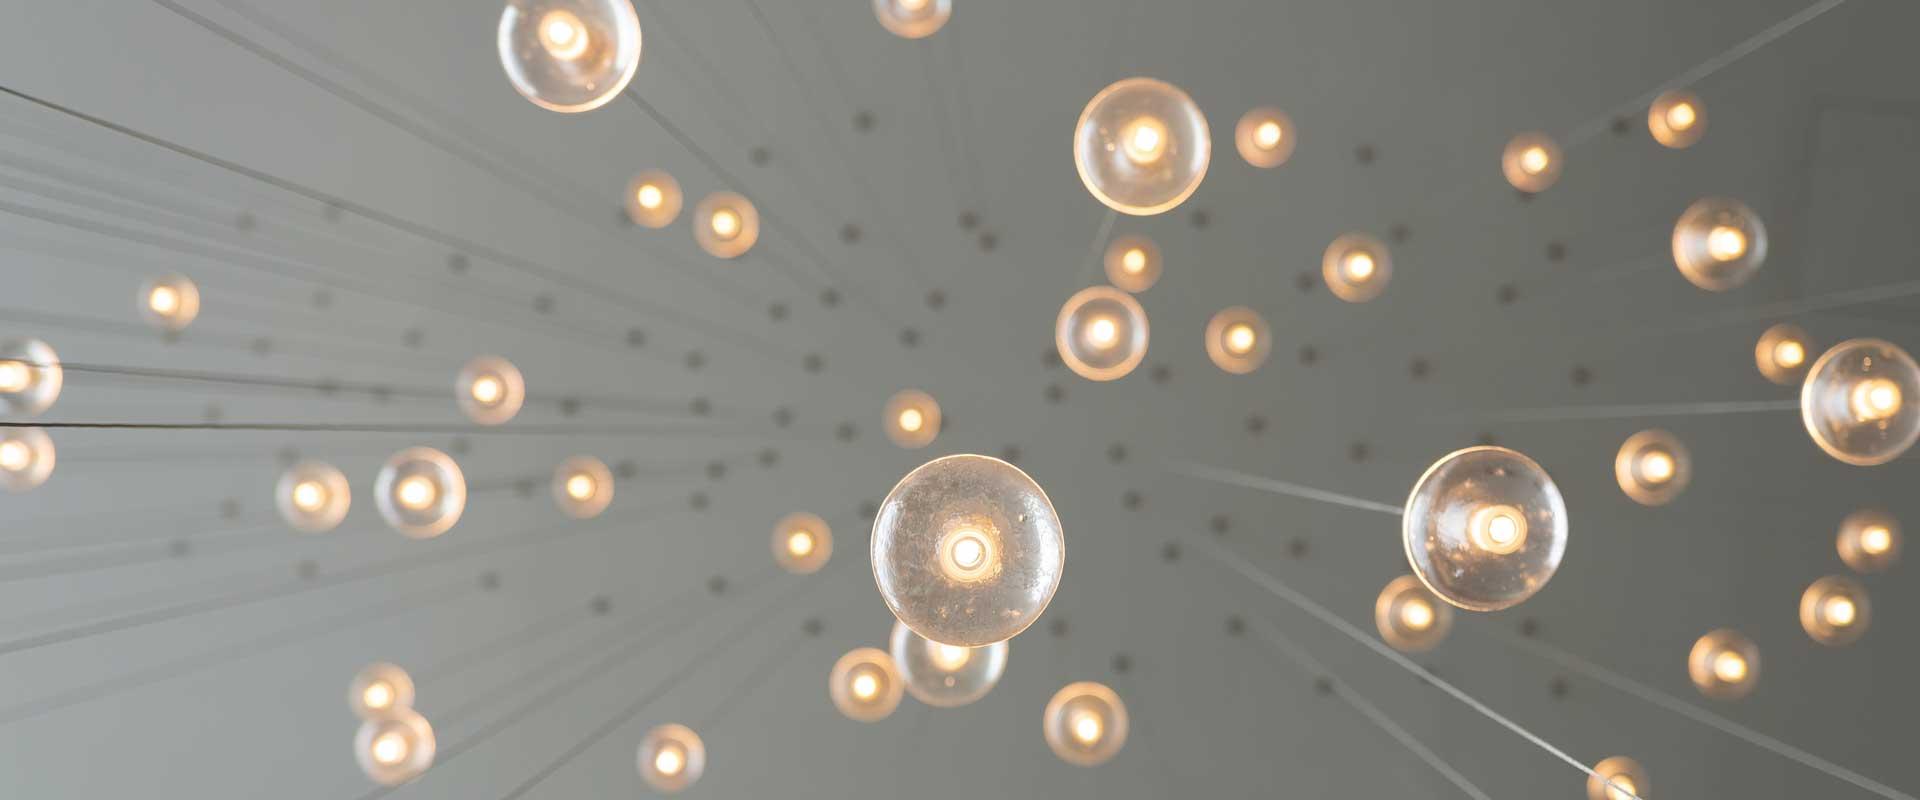 Ideation for Innovation (Symbolfoto phaydon Marktforschung Lösungen)